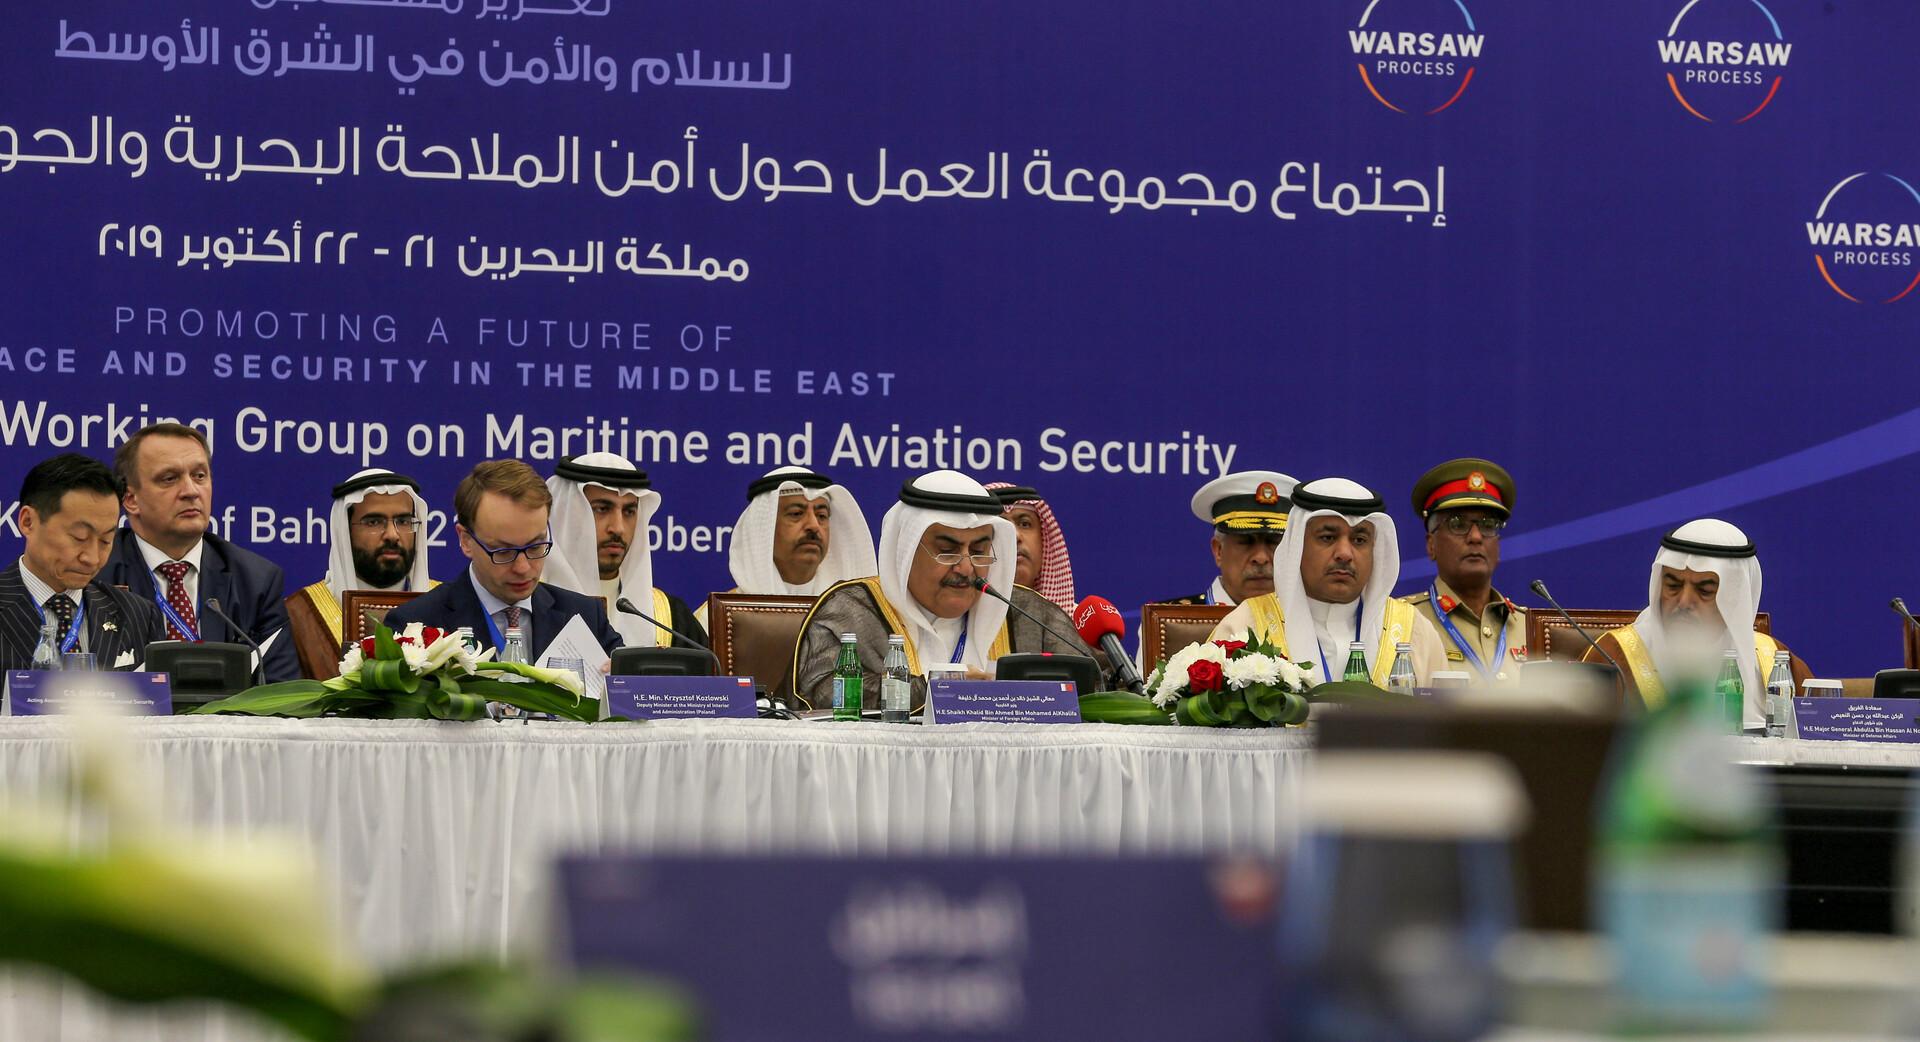 إنطلاق أعمال مؤتمر المنامة اليوم الاثنين